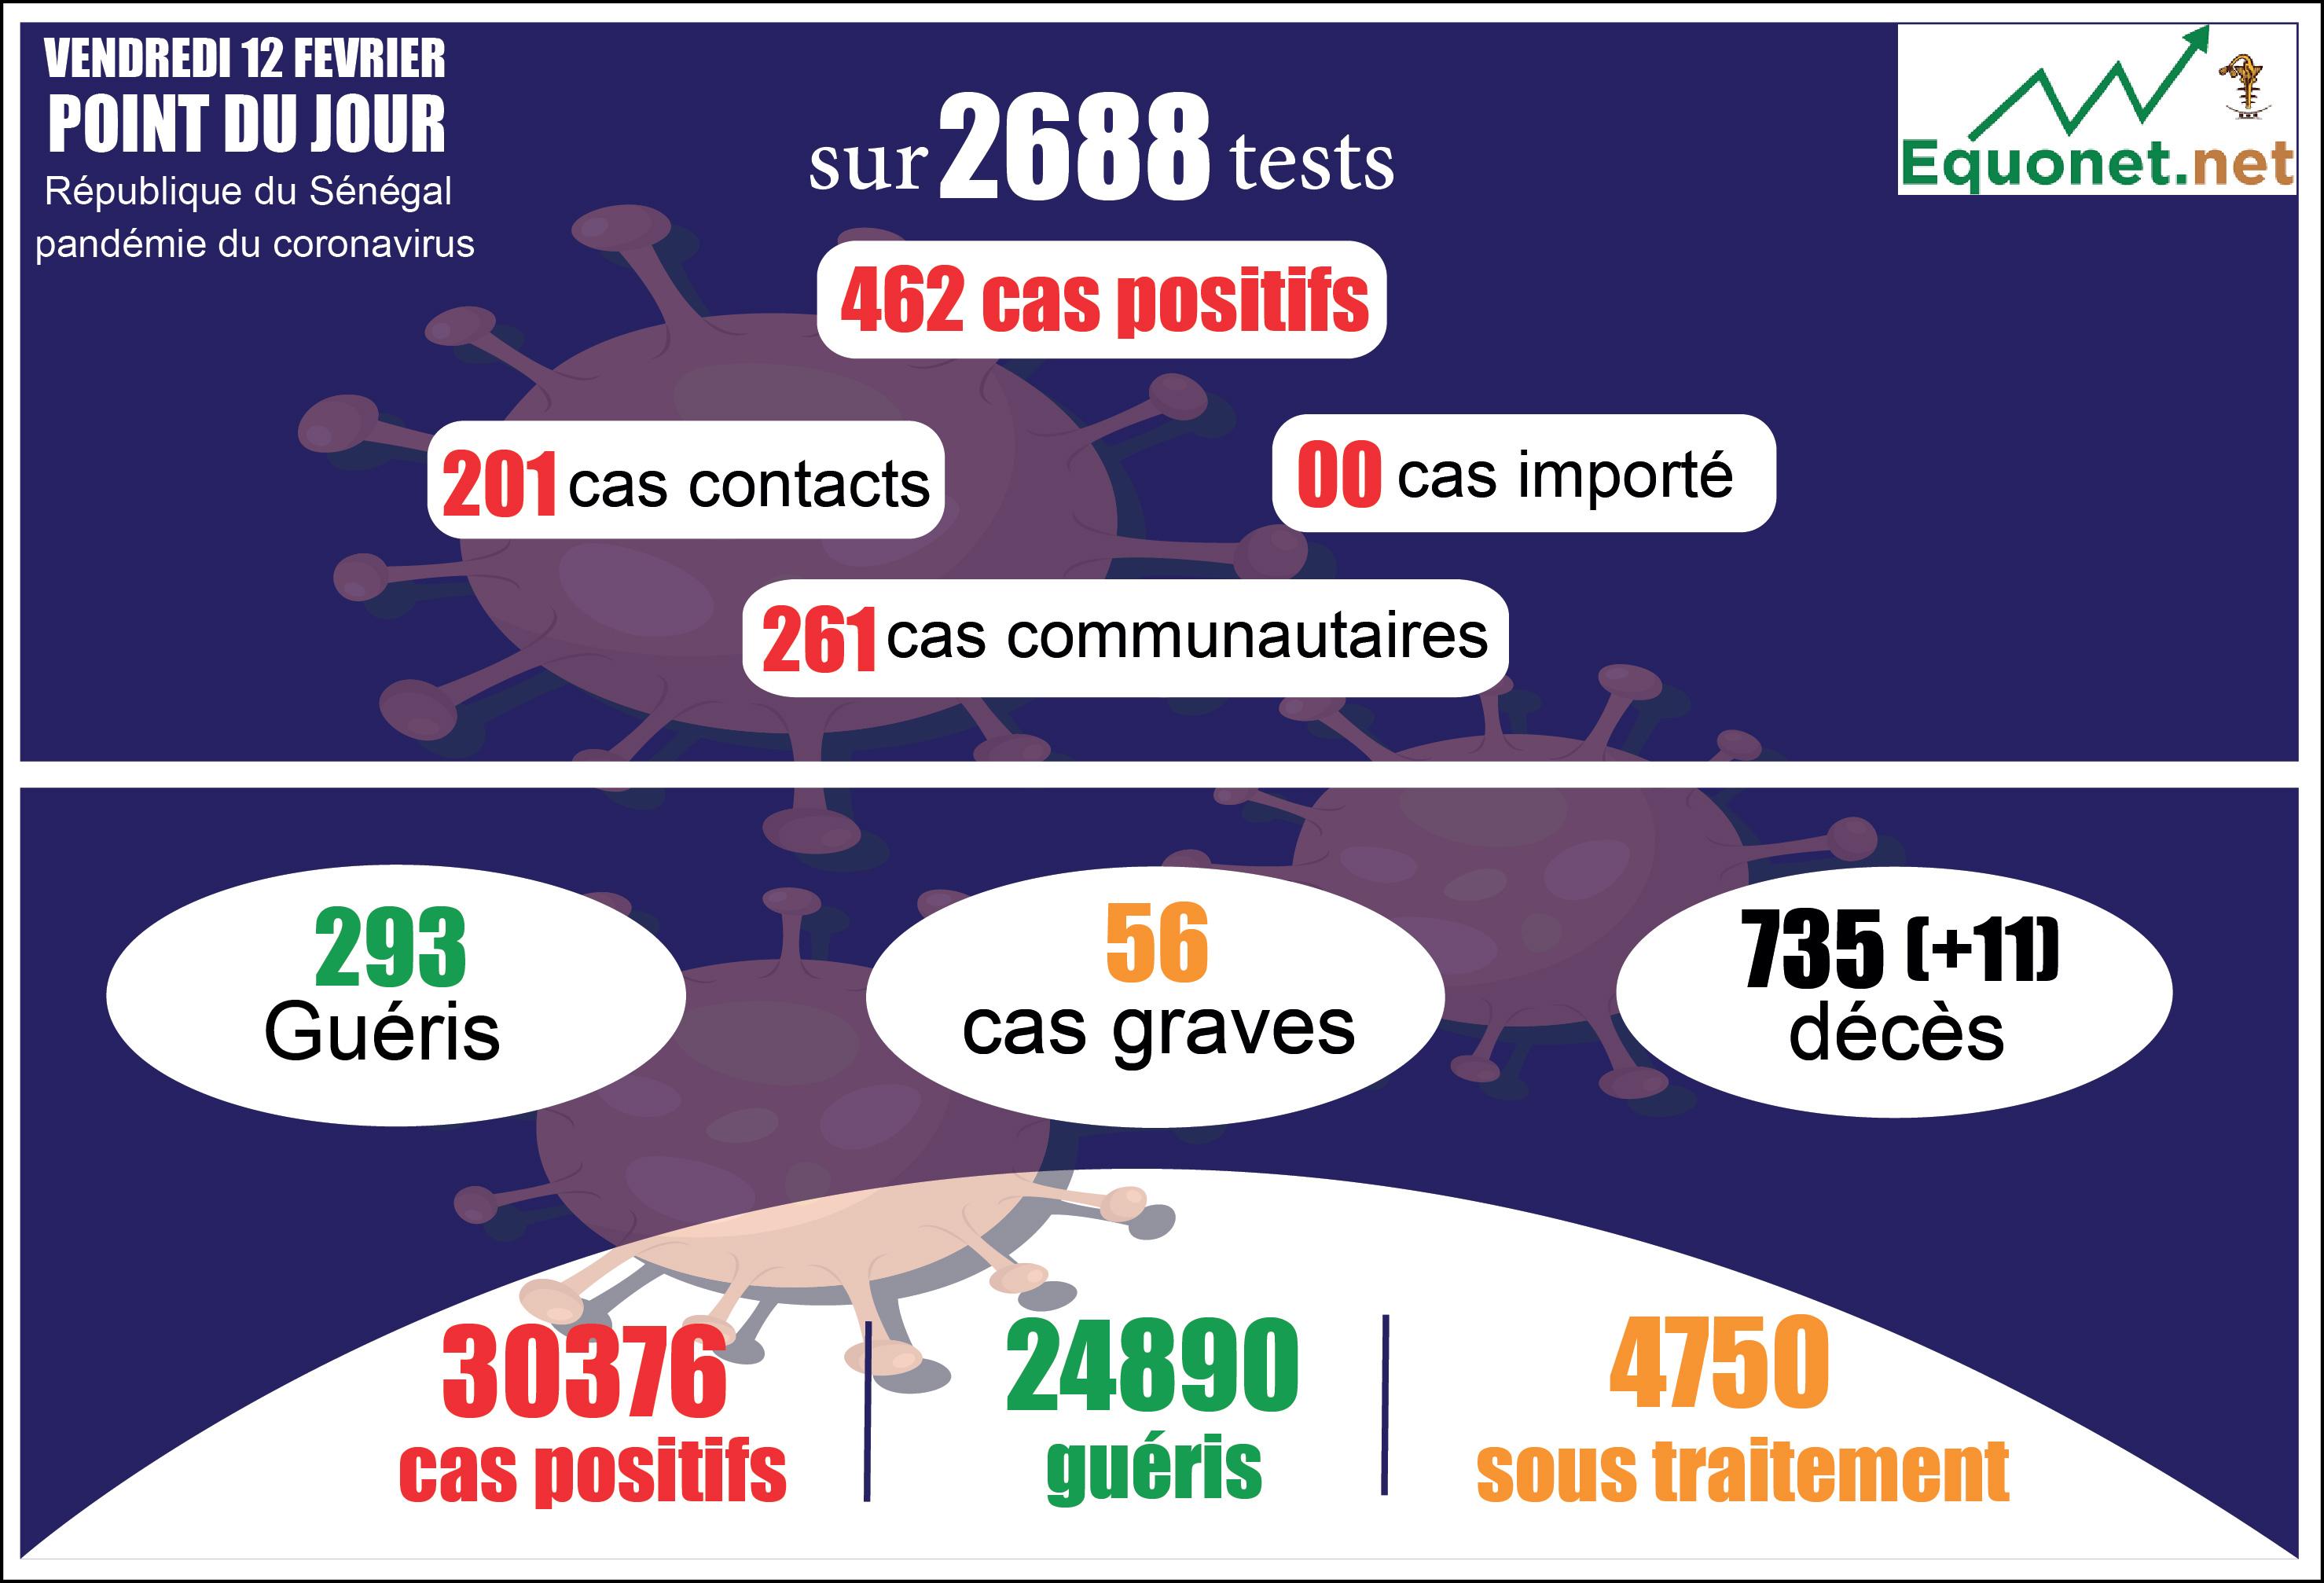 pandémie du coronavirus-covid-19 au sénégal : 261 cas communautaires et 11 décès enregistrés ce vendredi 12 février 2021